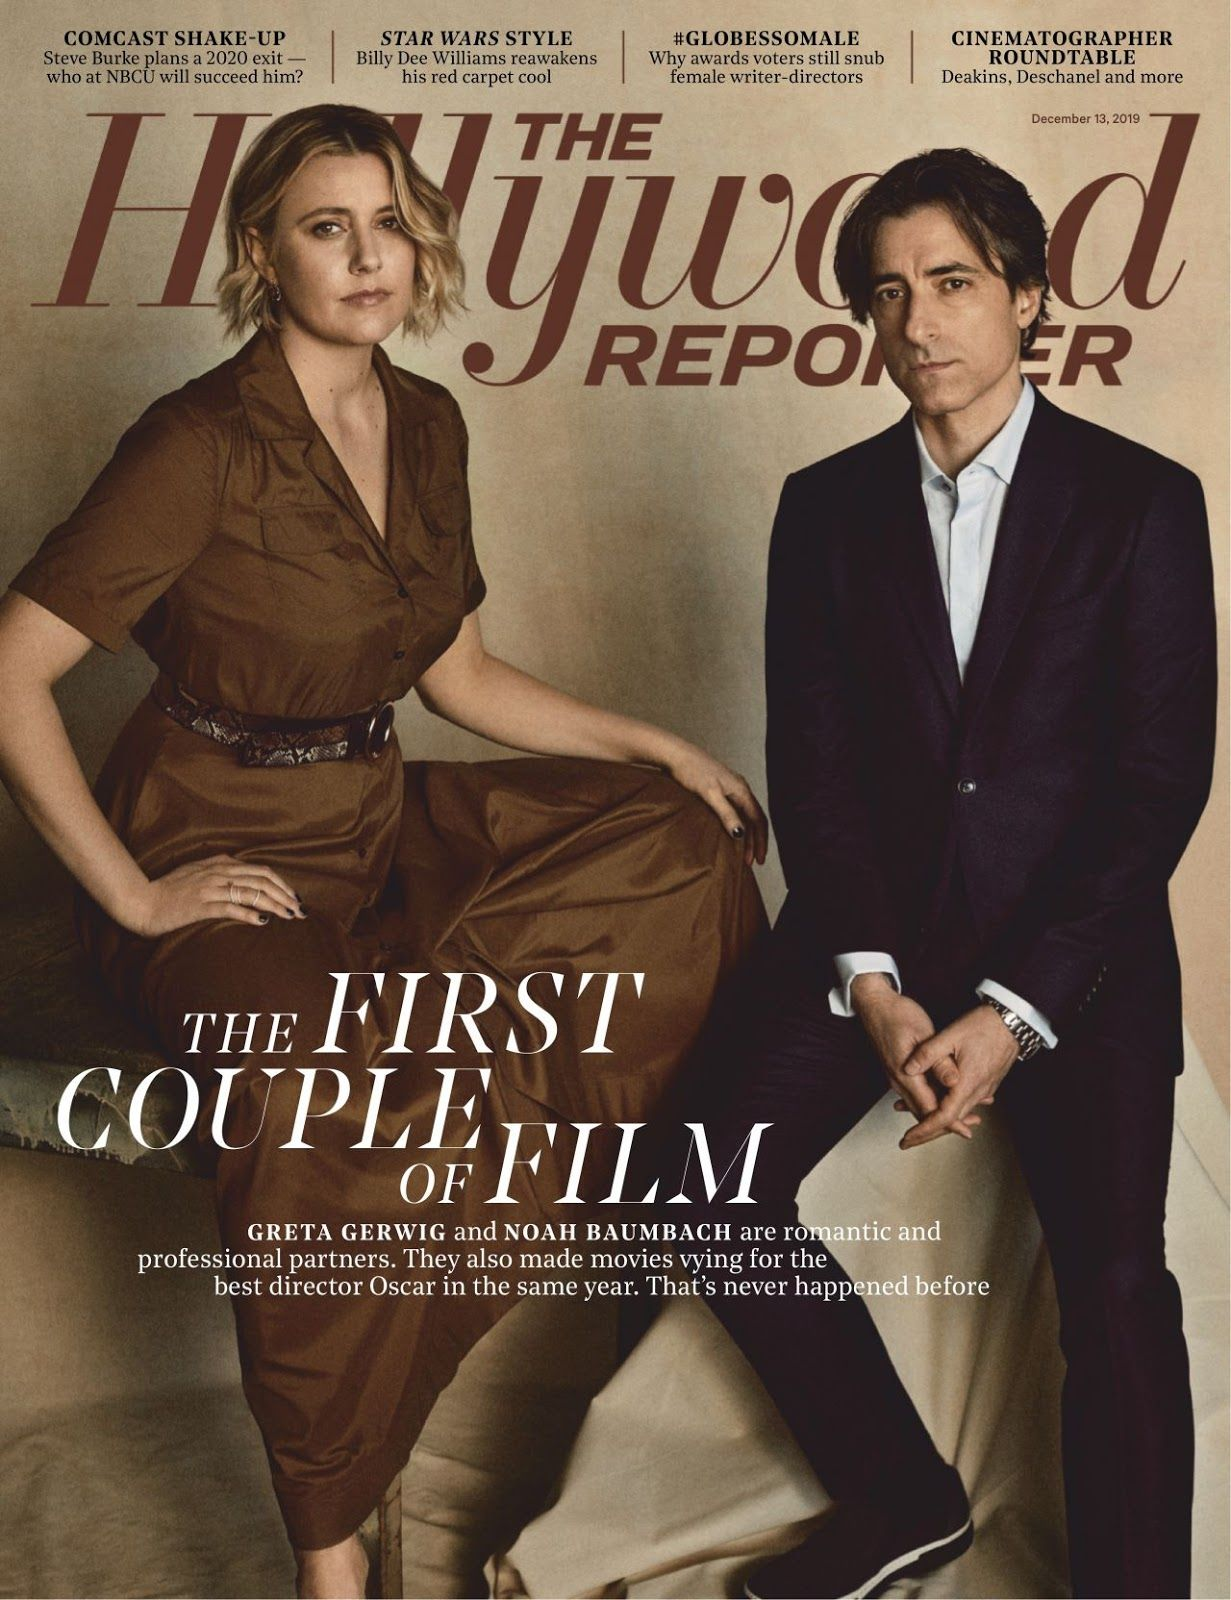 Greta Gerwig The Hollywood Reporter 12 13 2019 Issue Em 2020